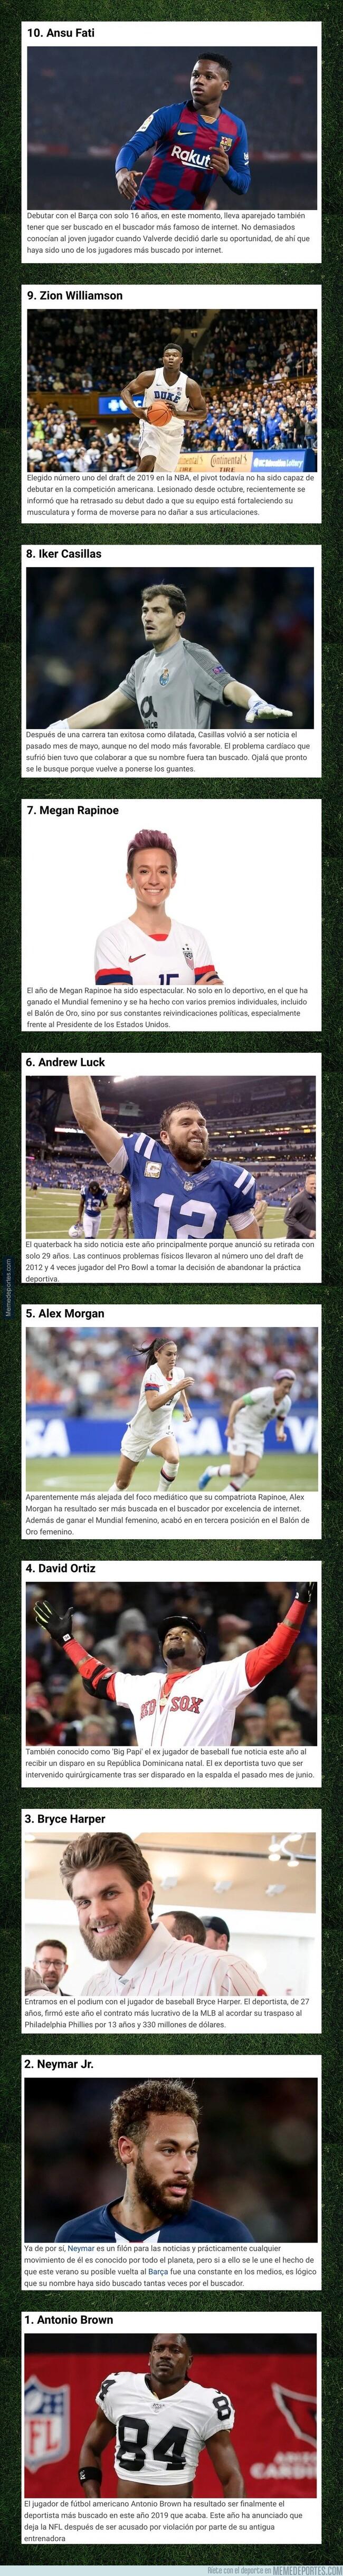 1094490 - 5 futbolistas en el 'Top Ten' de deportistas más buscados en Google en 2019